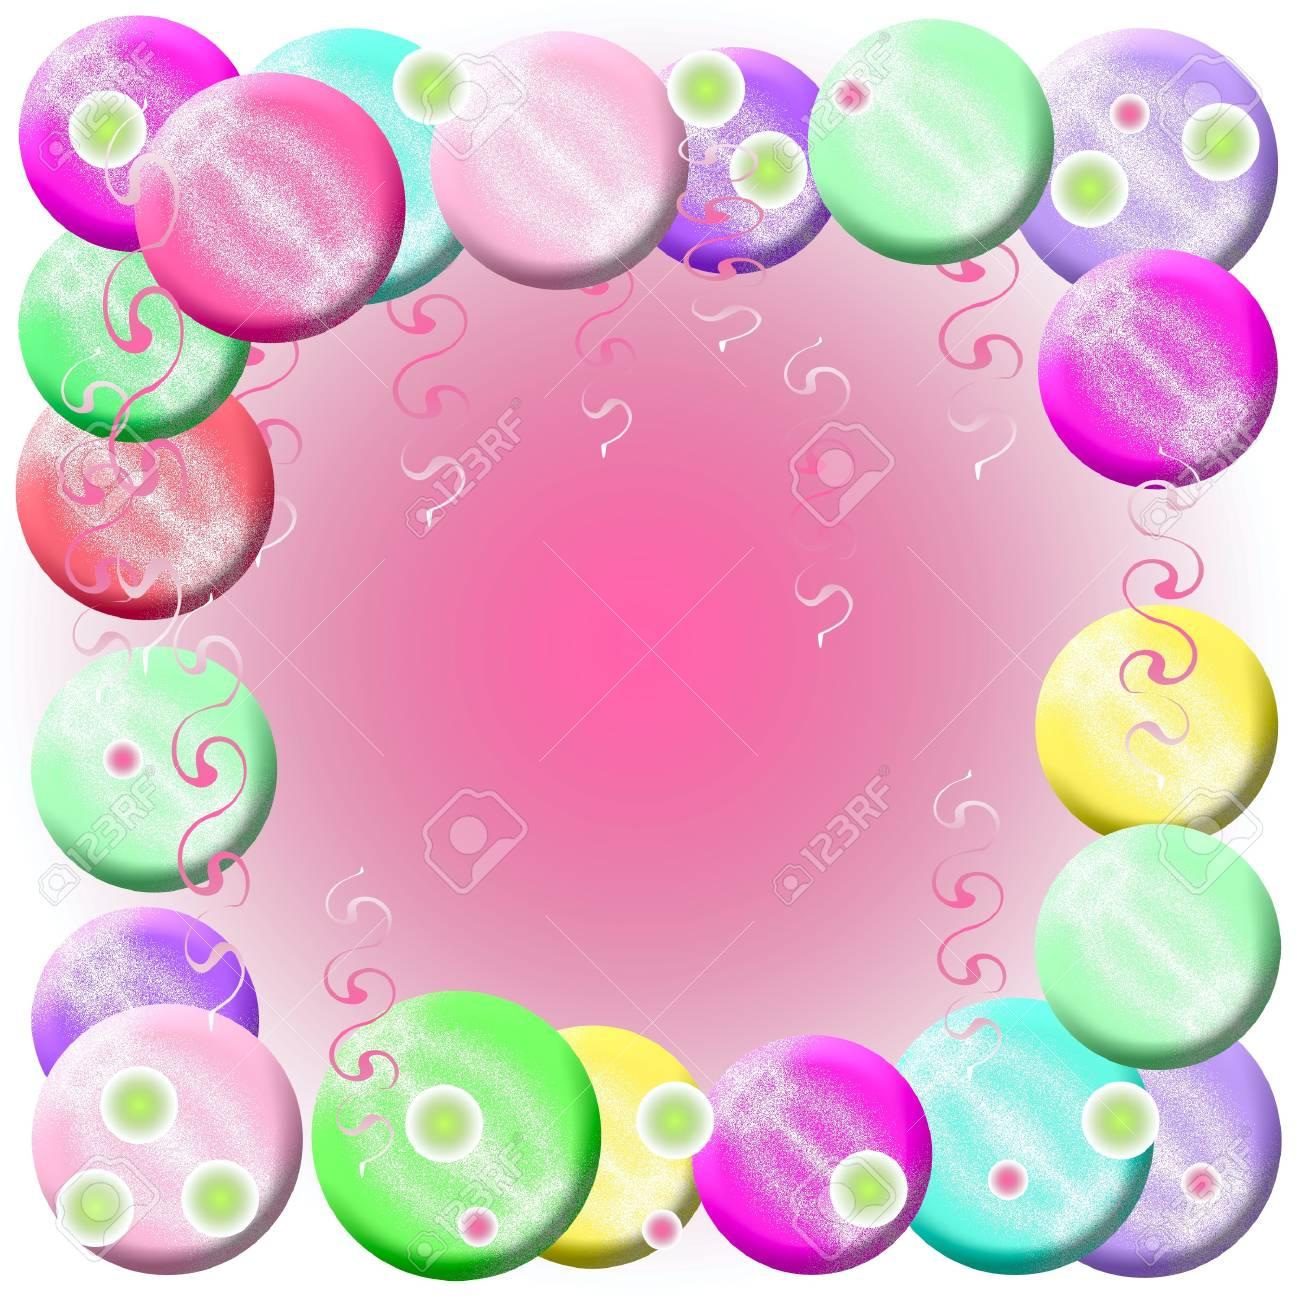 Burbujas Marco De Helada En La Ilustración De Fondo Sólido Fotos ...